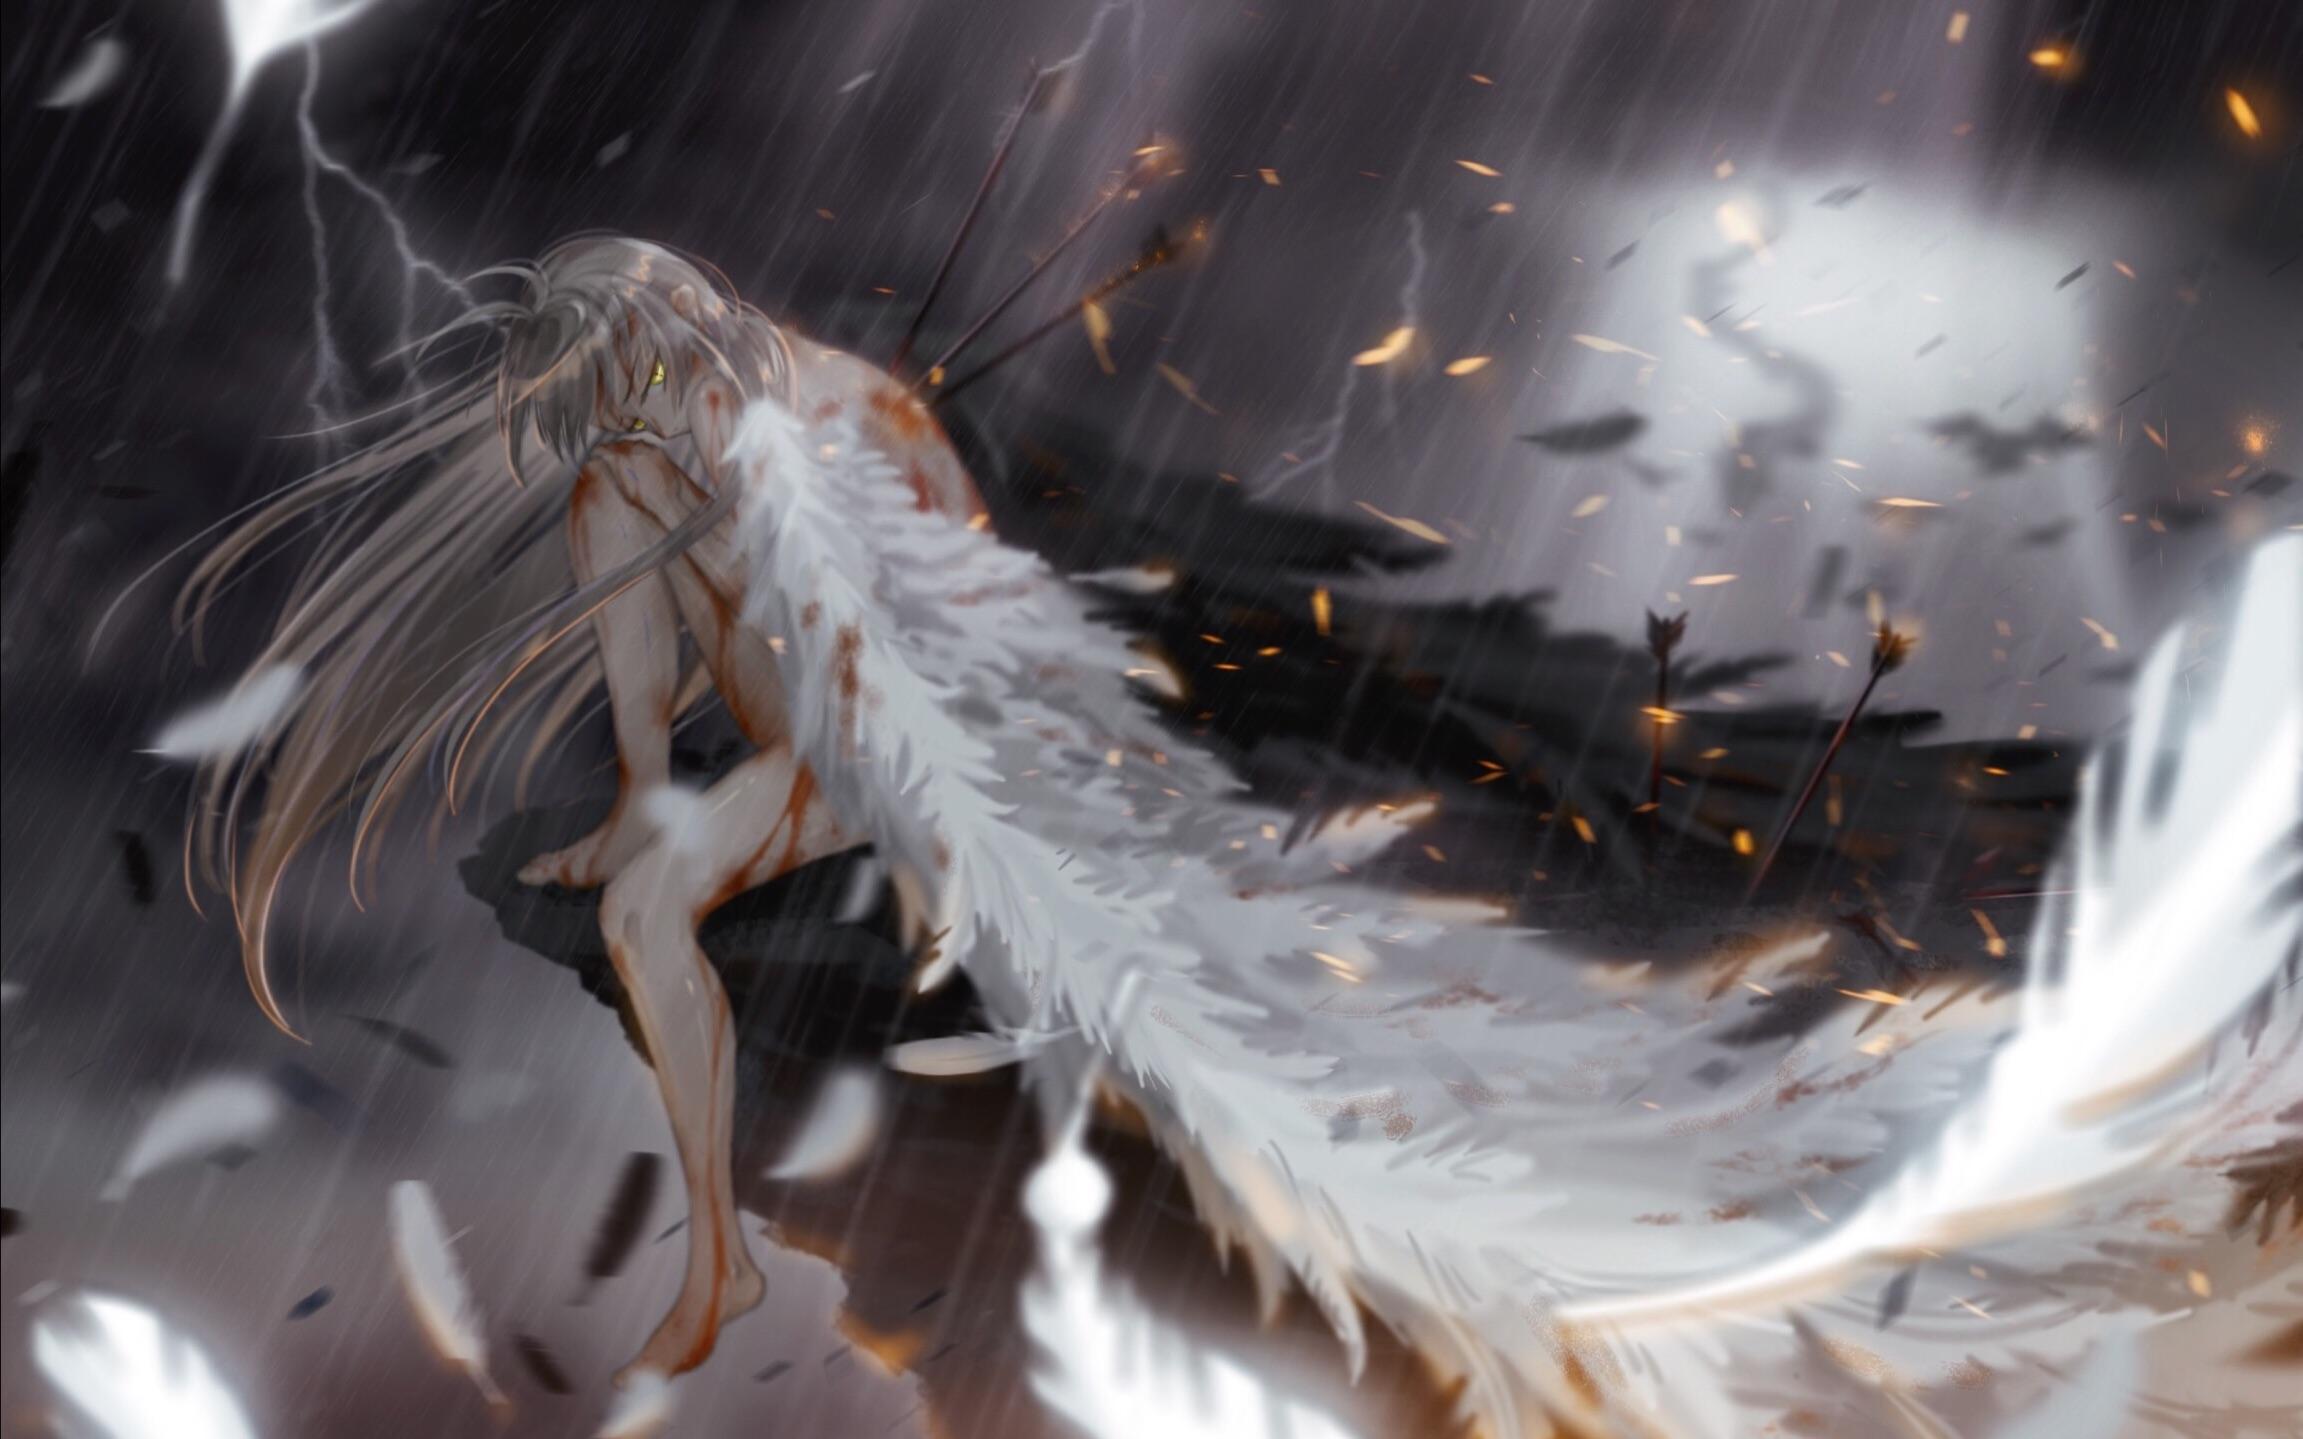 [板绘过程]杀戮天使_哔哩哔哩 (゜-゜)つロ 干杯~-bilibili